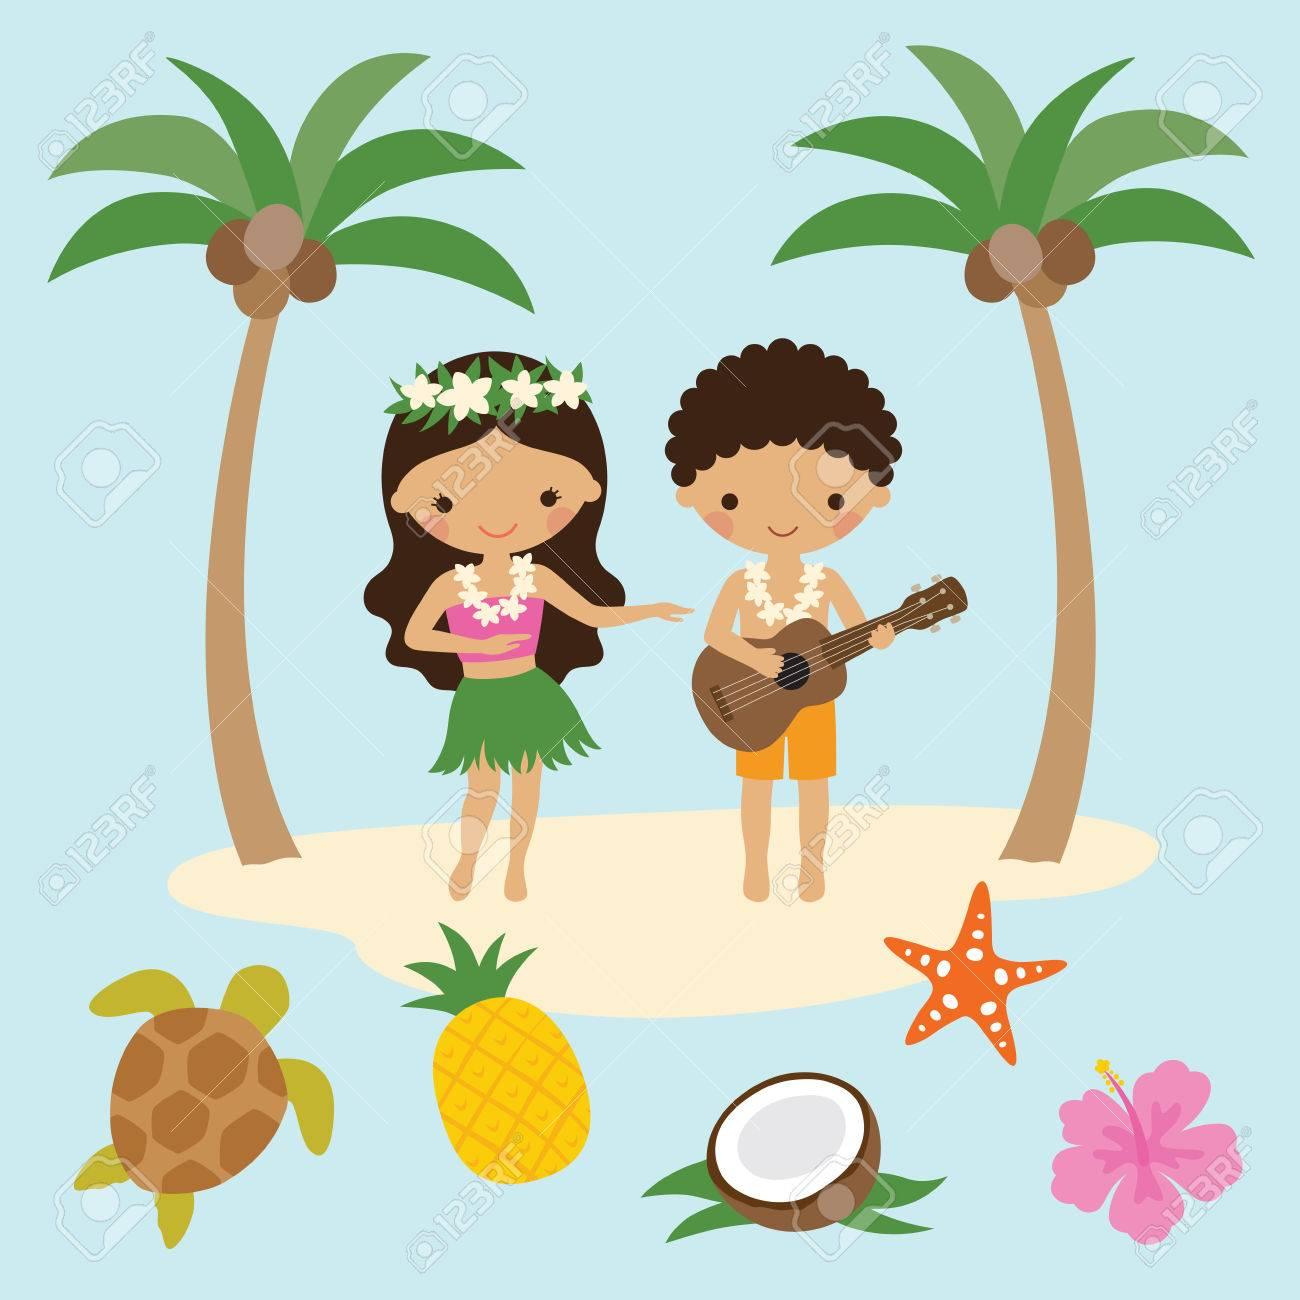 Ilustración Vectorial De Niña Hula Bailarina Y Niño Tocando Ukulele Guitarra En Hawai Con Elementos De Playa. Ilustraciones Vectoriales, Clip Art Vectorizado Libre De Derechos. Image 79509641.